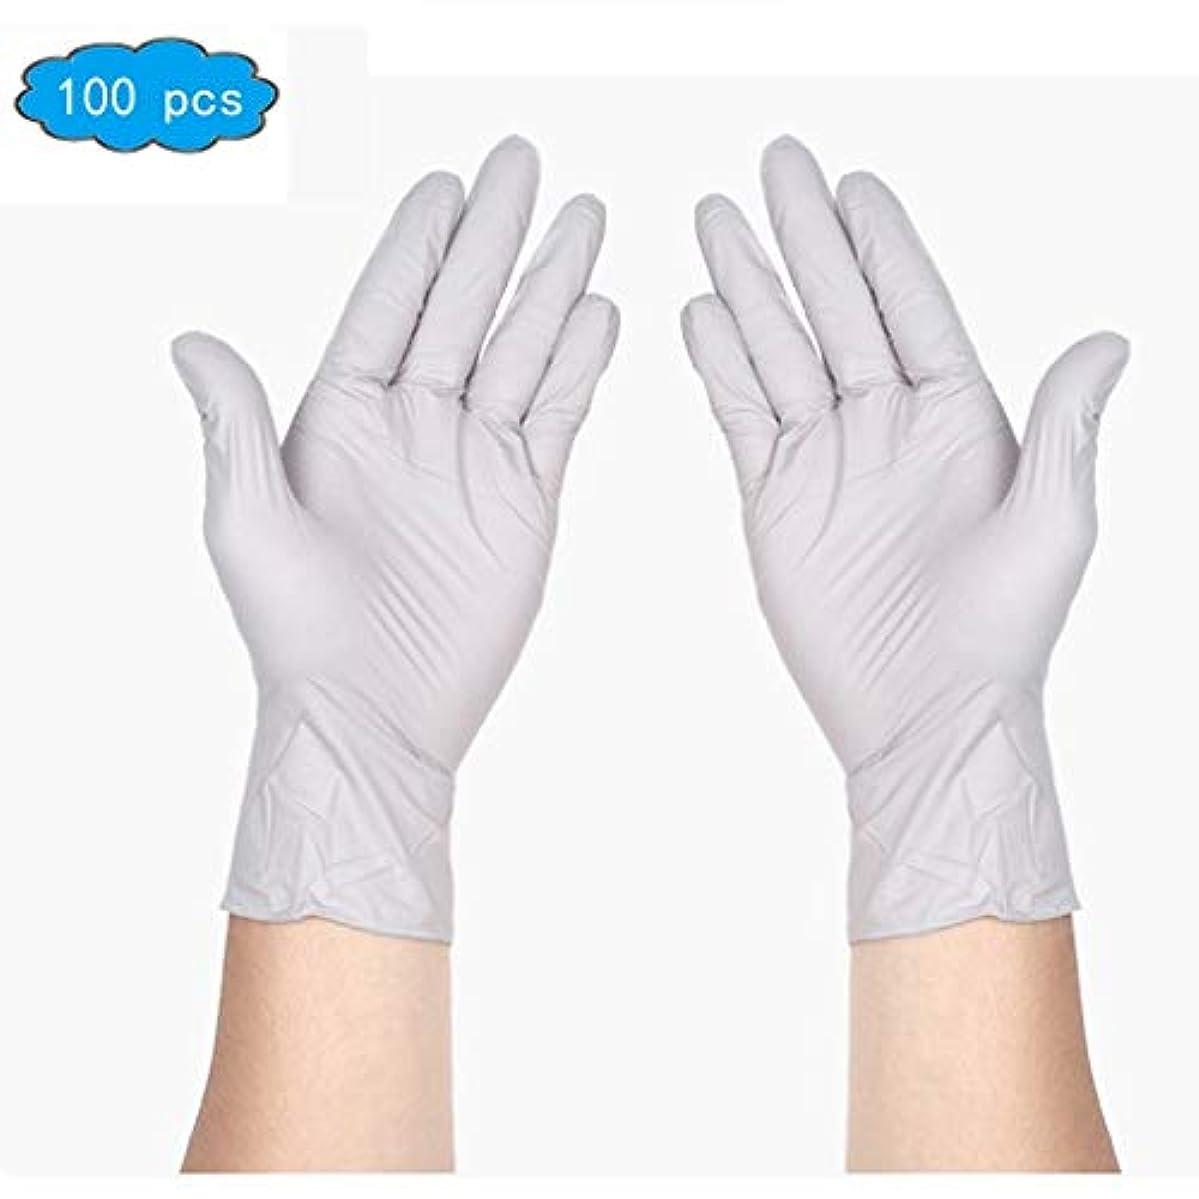 安息知る葉ニトリル試験用手袋 - 医療用グレード、パウダーフリー、ラテックスラバーフリー、使い捨て、非滅菌、食品安全、テクスチャード加工、白色、2.5ミル、便利なディスペンサー、100個入り、サニタリーグローブ (Color :...